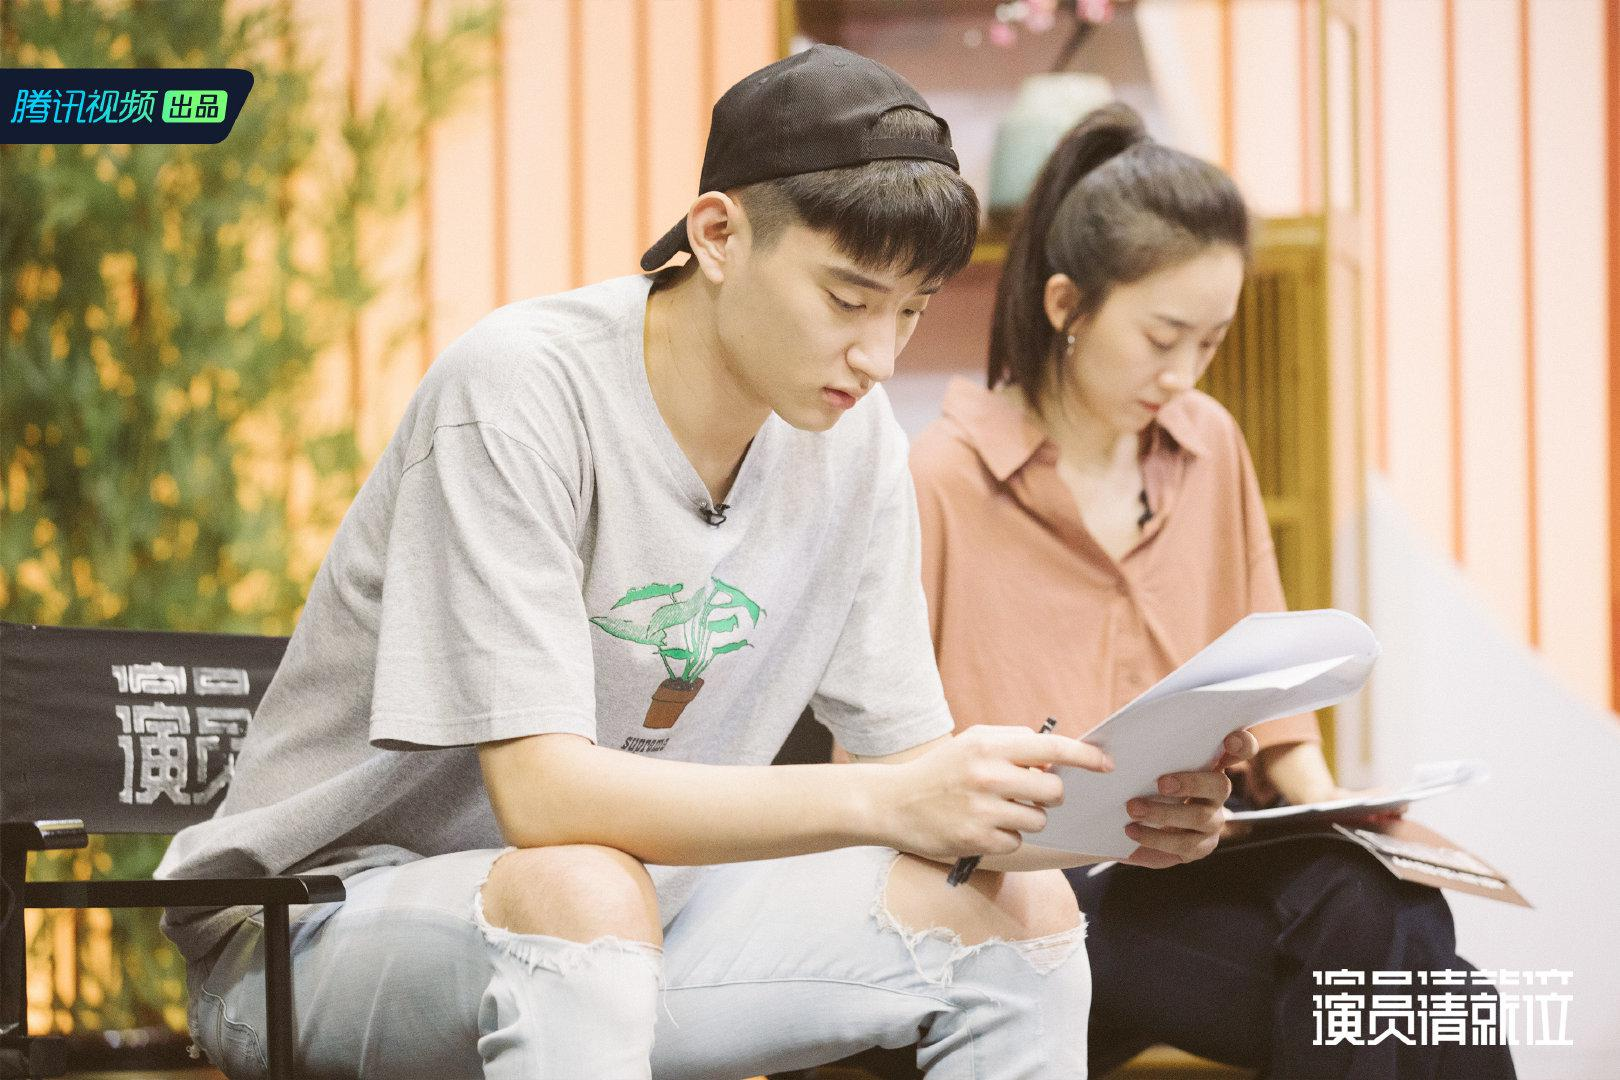 陈翔惹怒李少红,于小彤说他要求加戏不专业,可你不也一样吗?